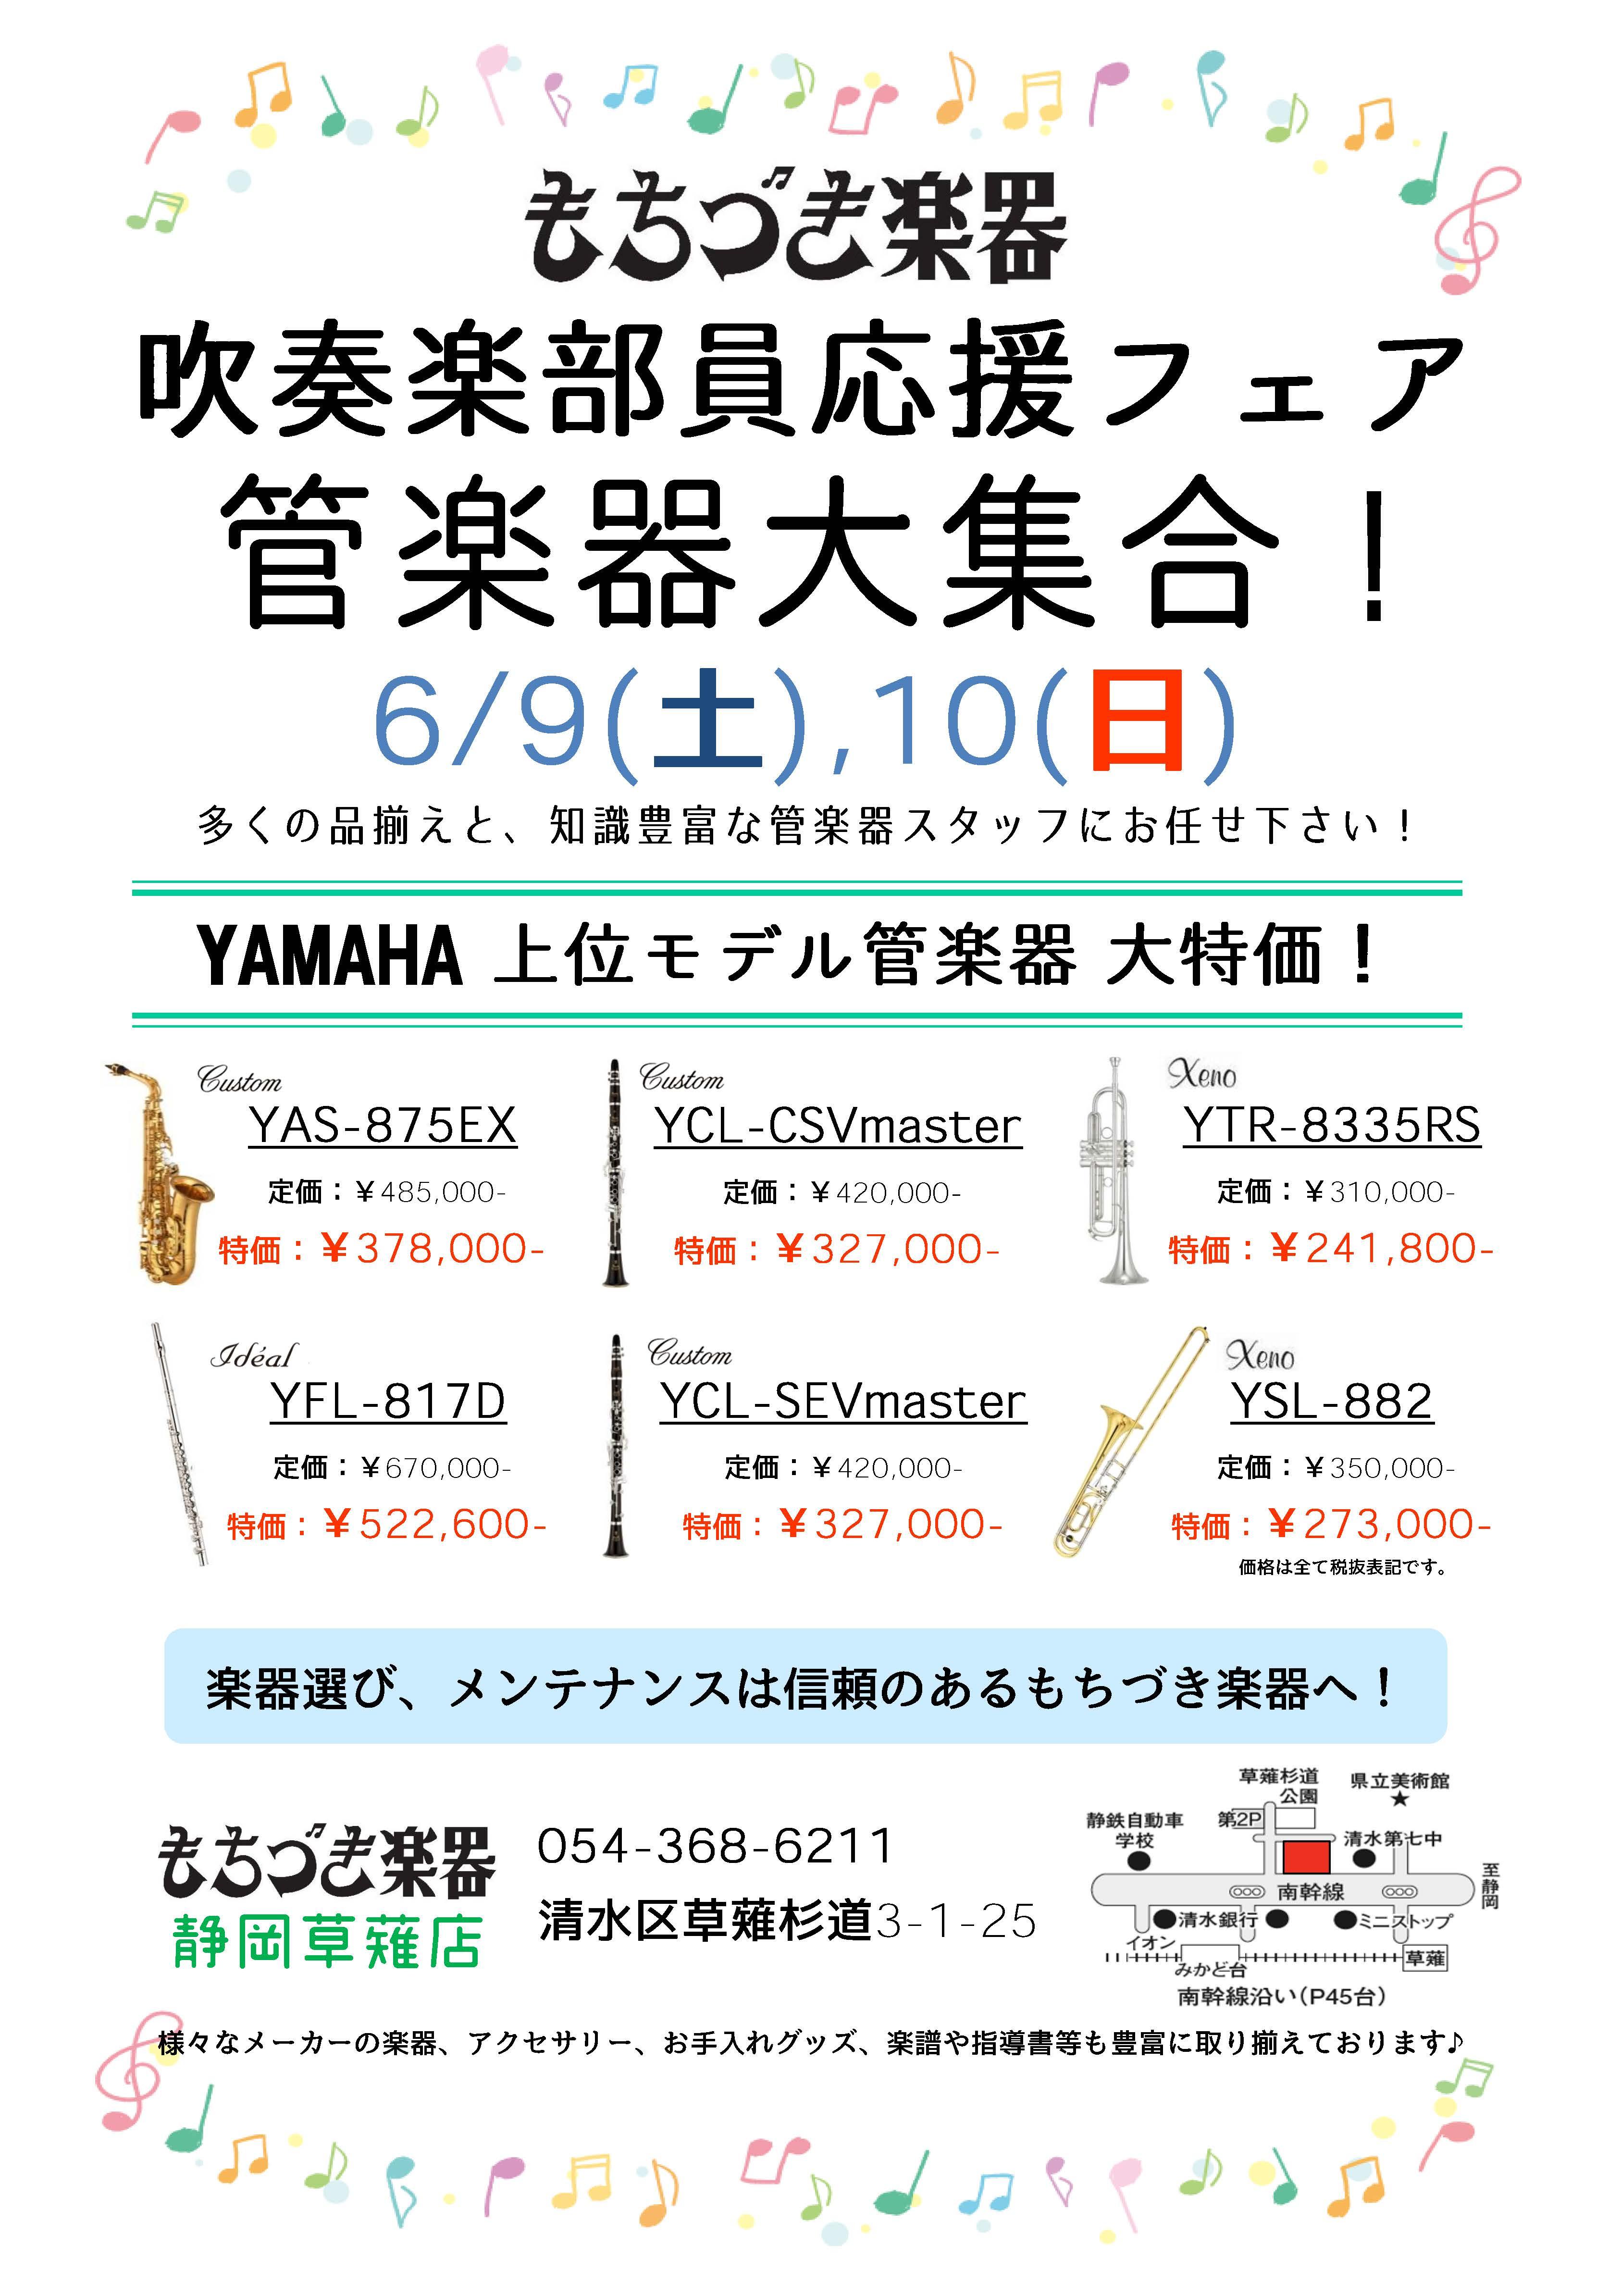 管楽器フェア2018 ポスター-1